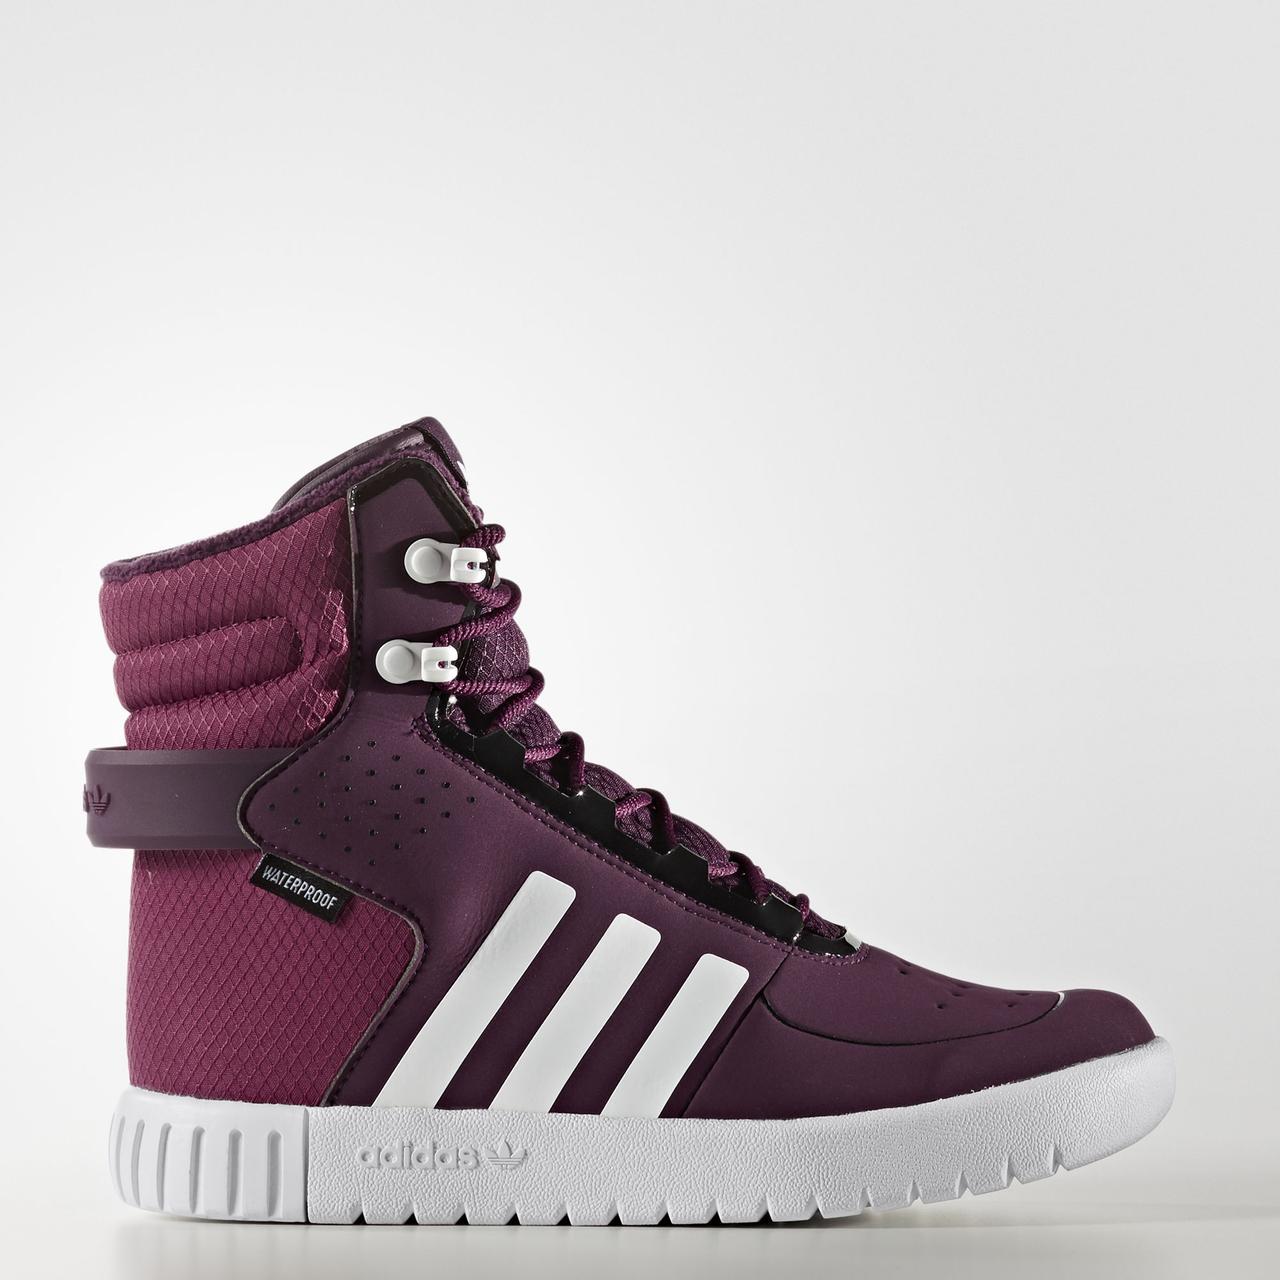 073c73a5 Детские кроссовки Adidas Originals Trailbreaker (Артикул: BZ0510) -  Интернет-магазин «Эксперт